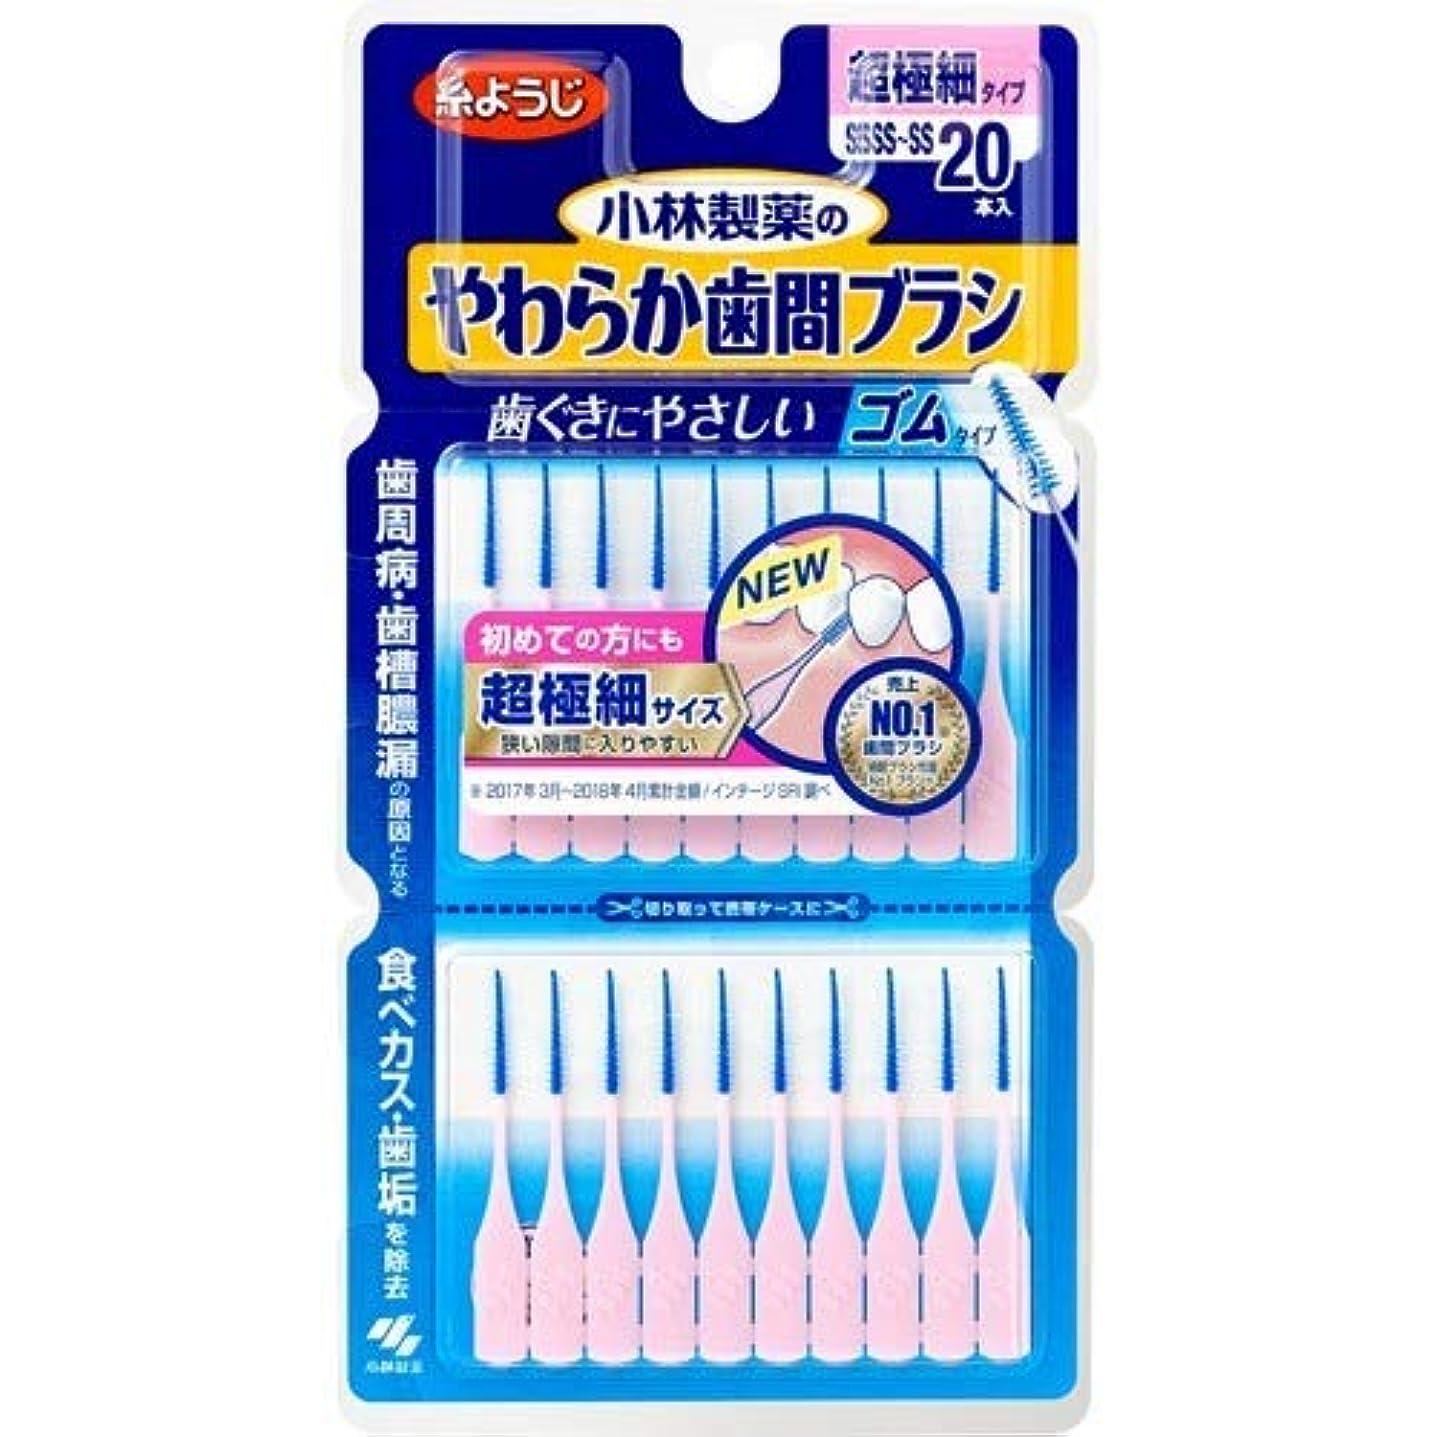 発表子供達舌小林製薬 やわらか歯間ブラシ SSSS~SSサイズ 20本入 超極細ゴムタイプ